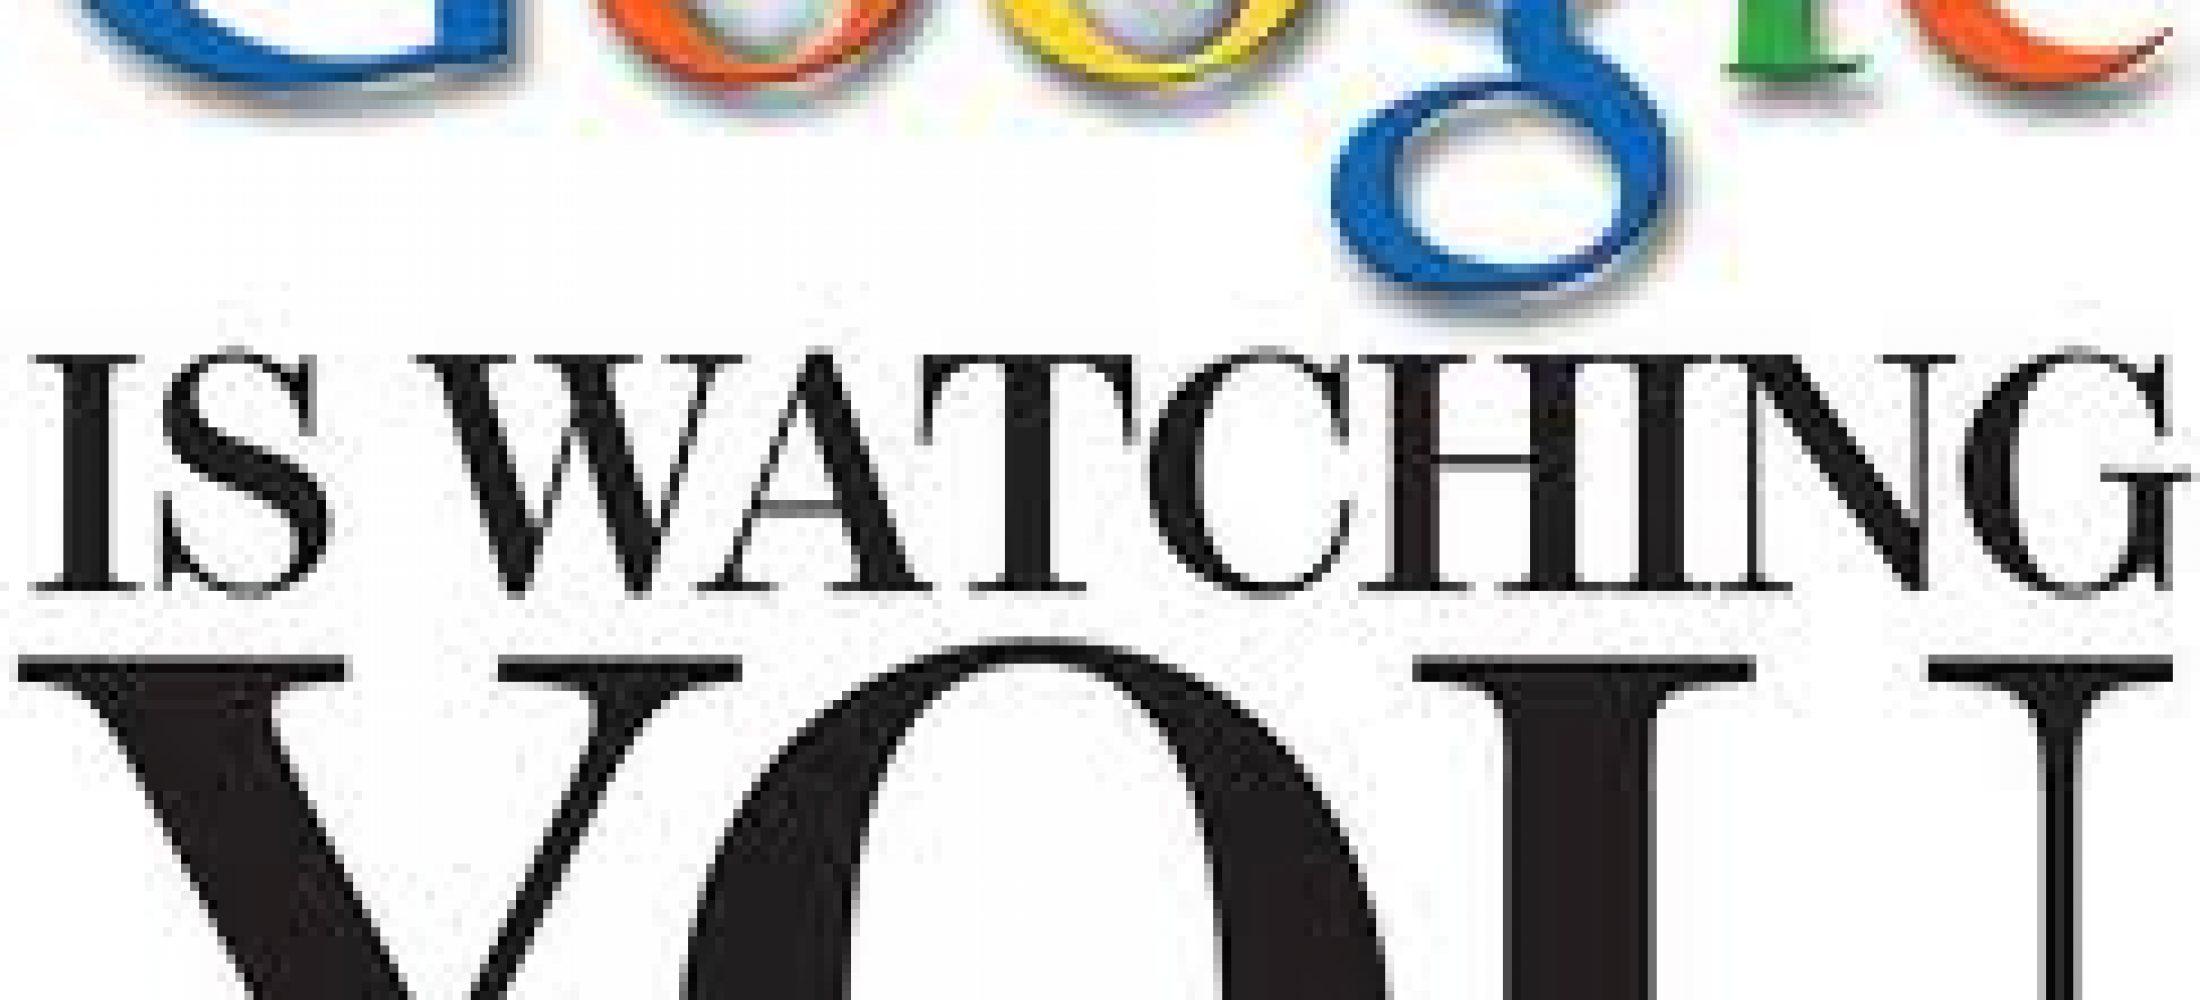 Google Penguin Update: Hidden Text And Links